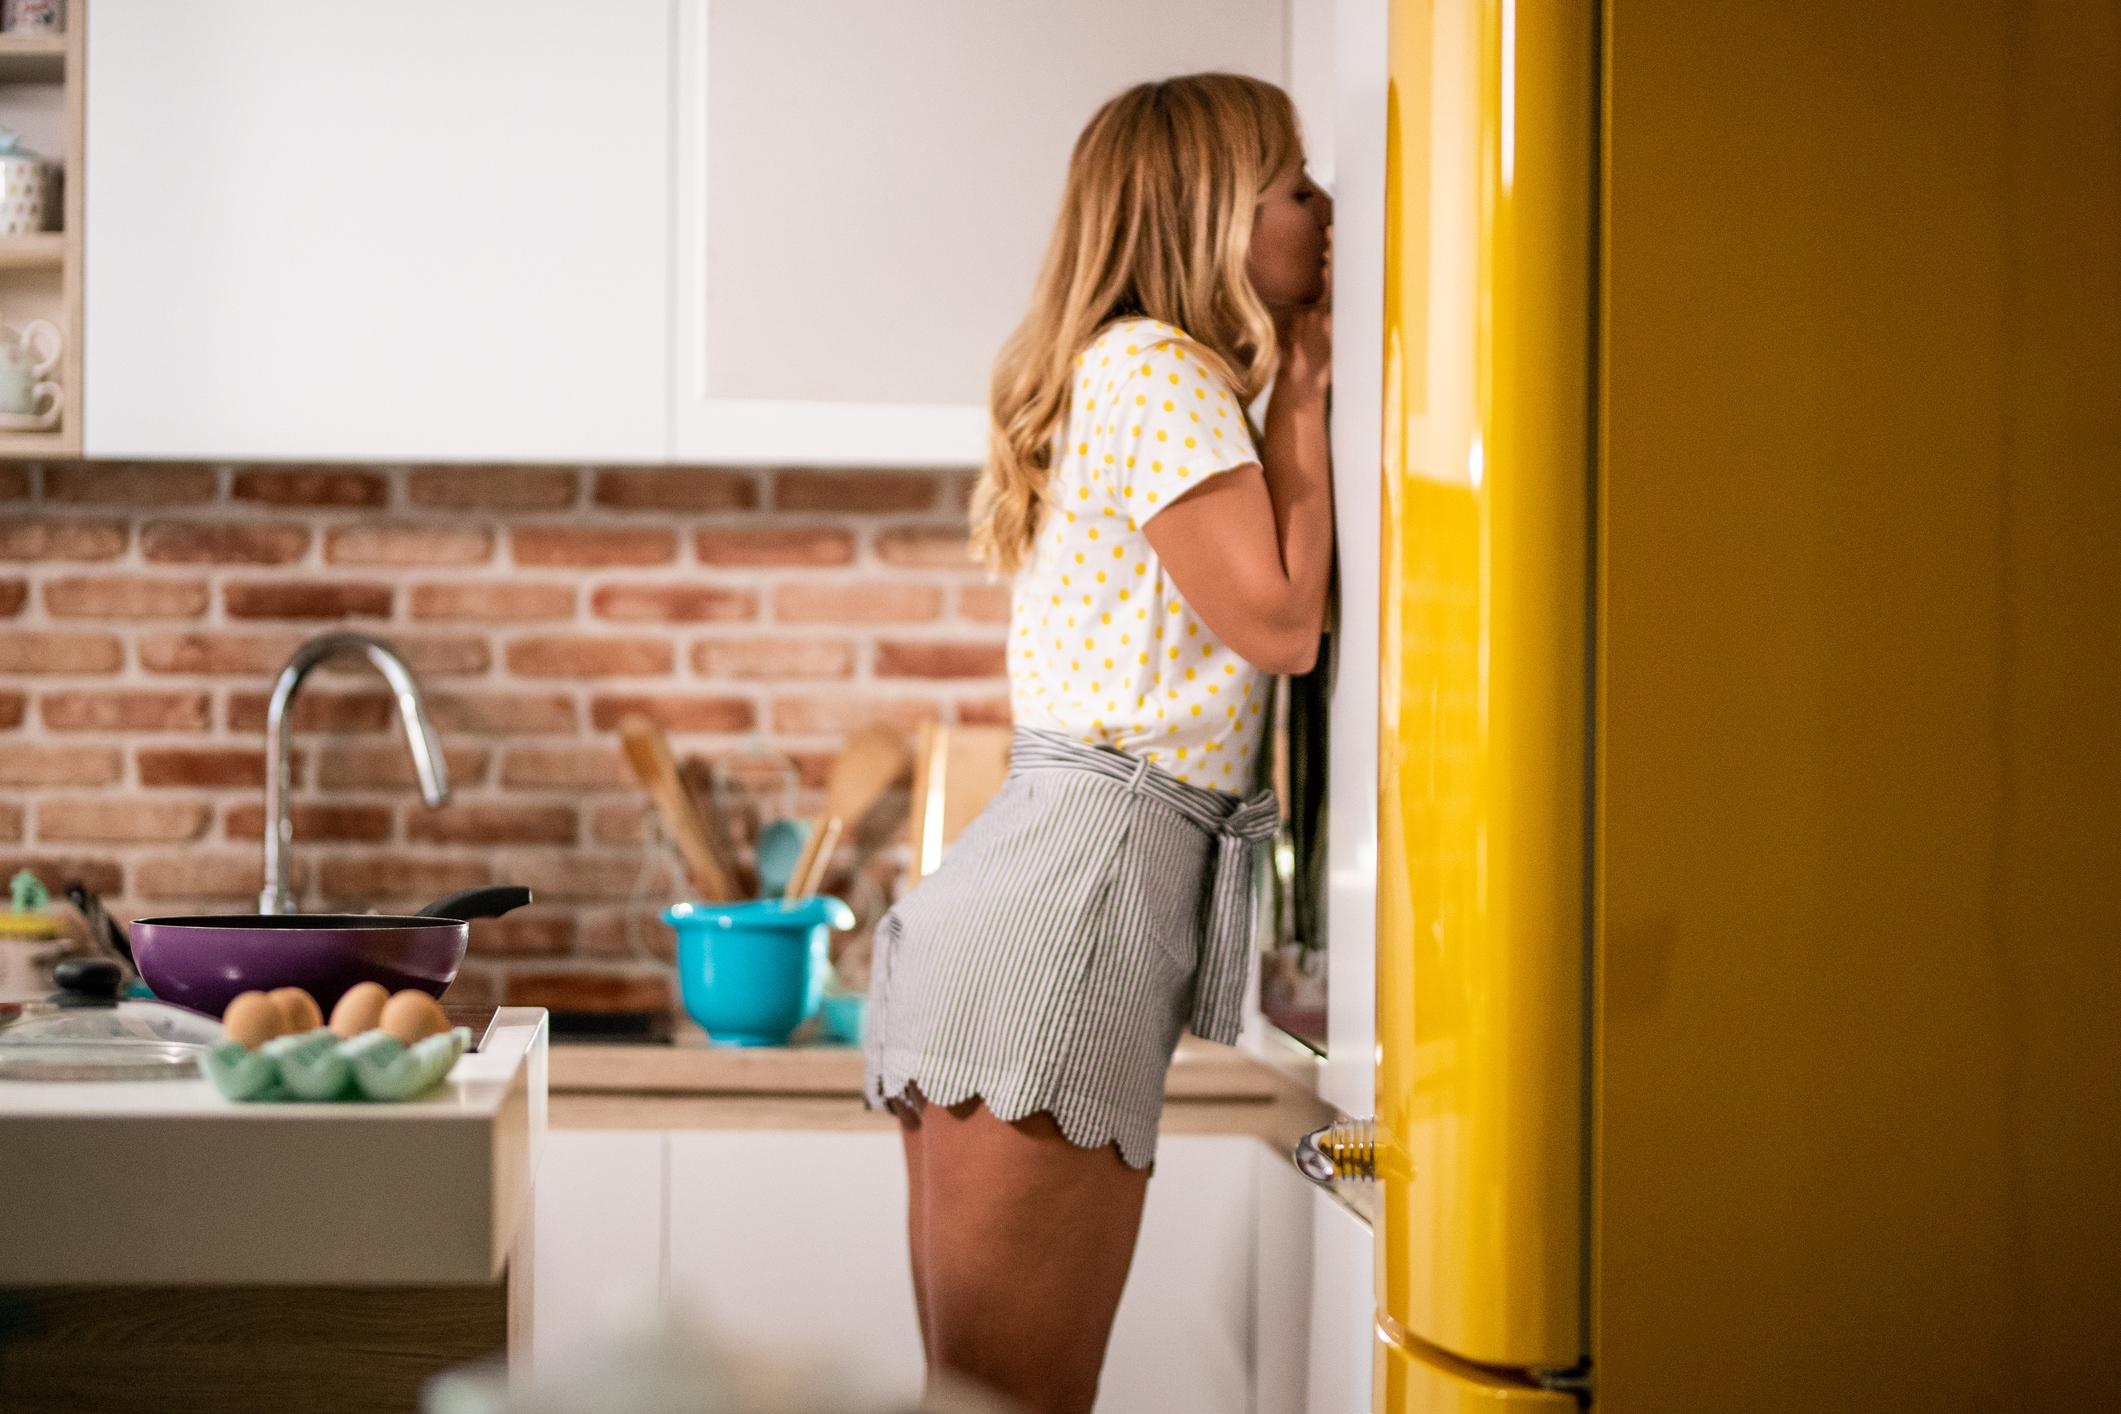 I, koliko ih je u vašem hladnjaku?